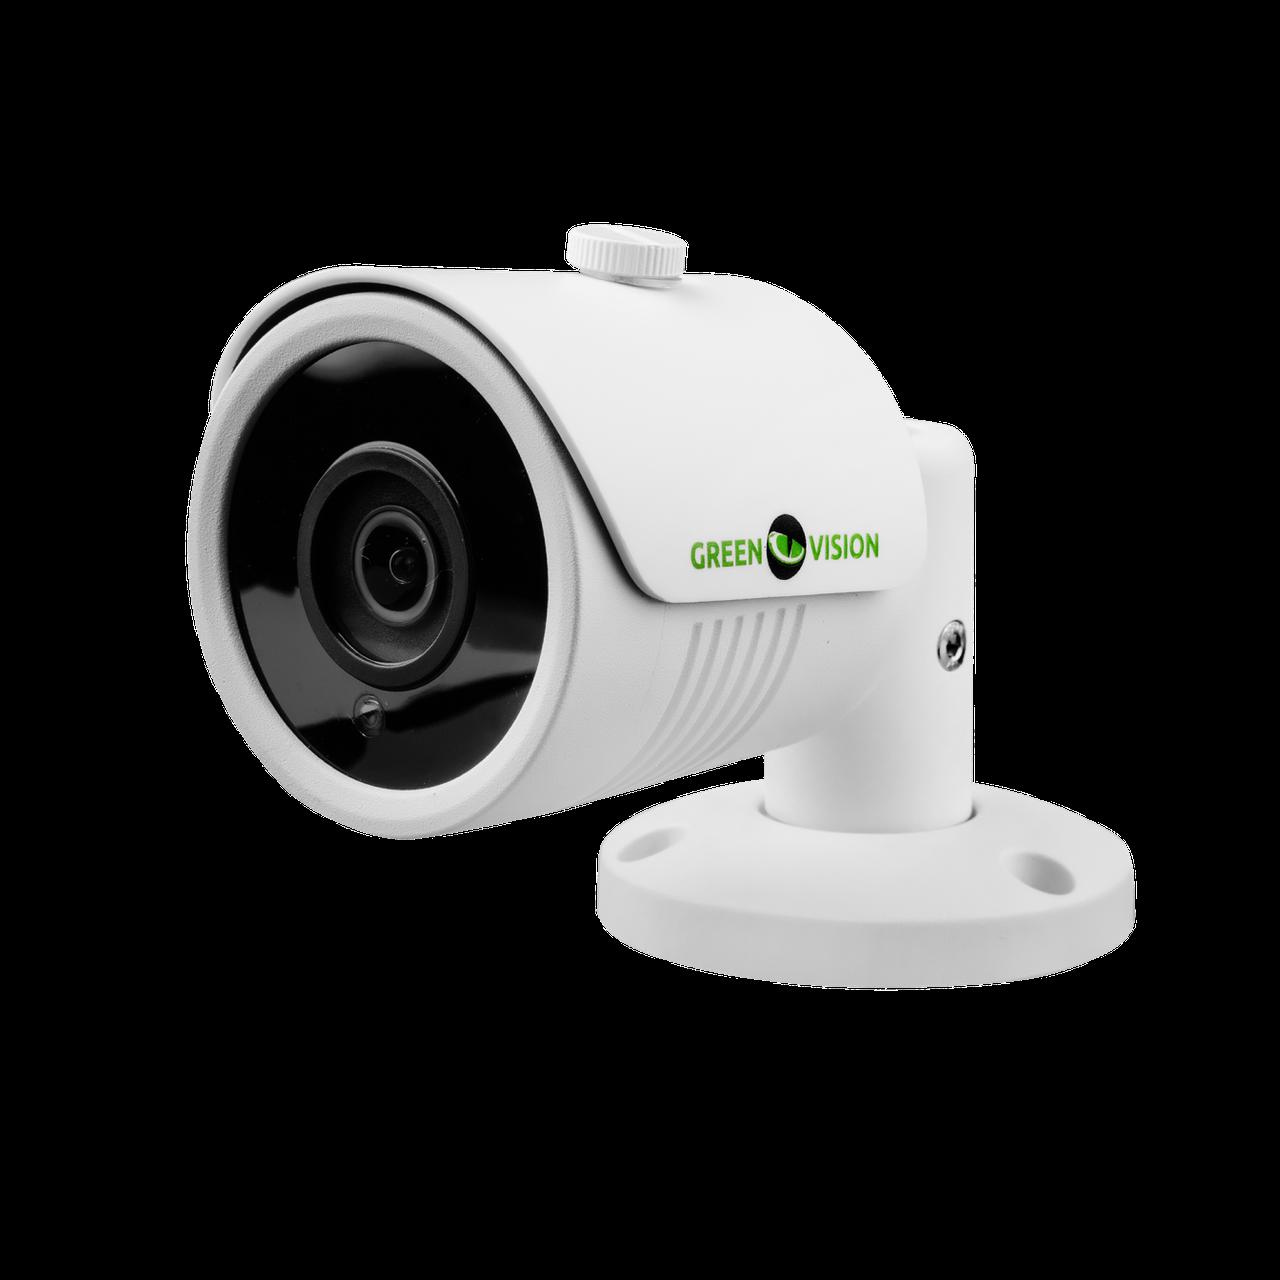 IP камера наружная  GreenVision GV-005-IP-E-COS24-25